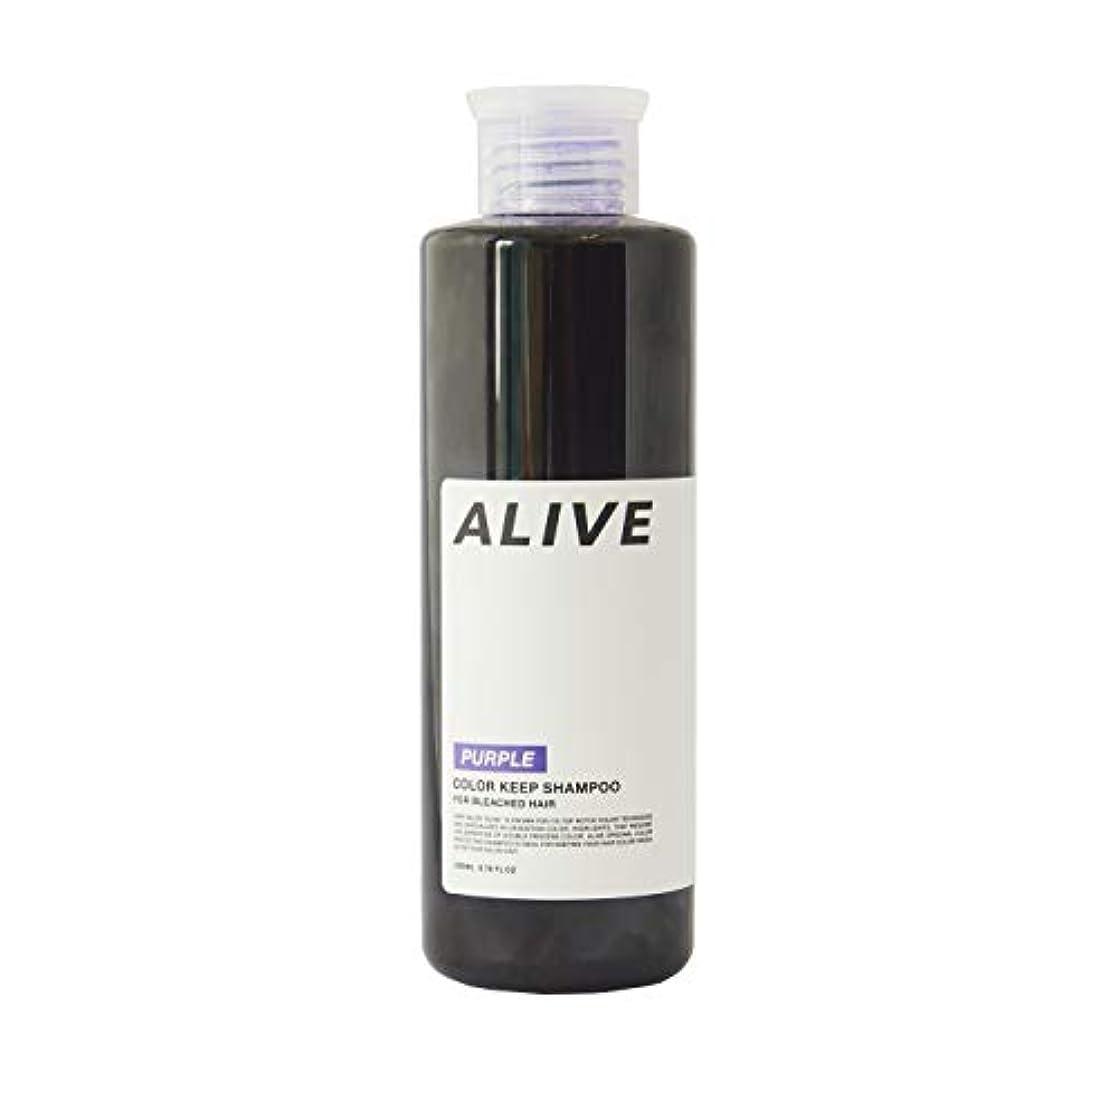 変装拡張マイクALIVE アライブ カラーシャンプー 極濃 紫シャンプー 200ml ムラサキ パープル ムラシャン ムラサキシャンプー